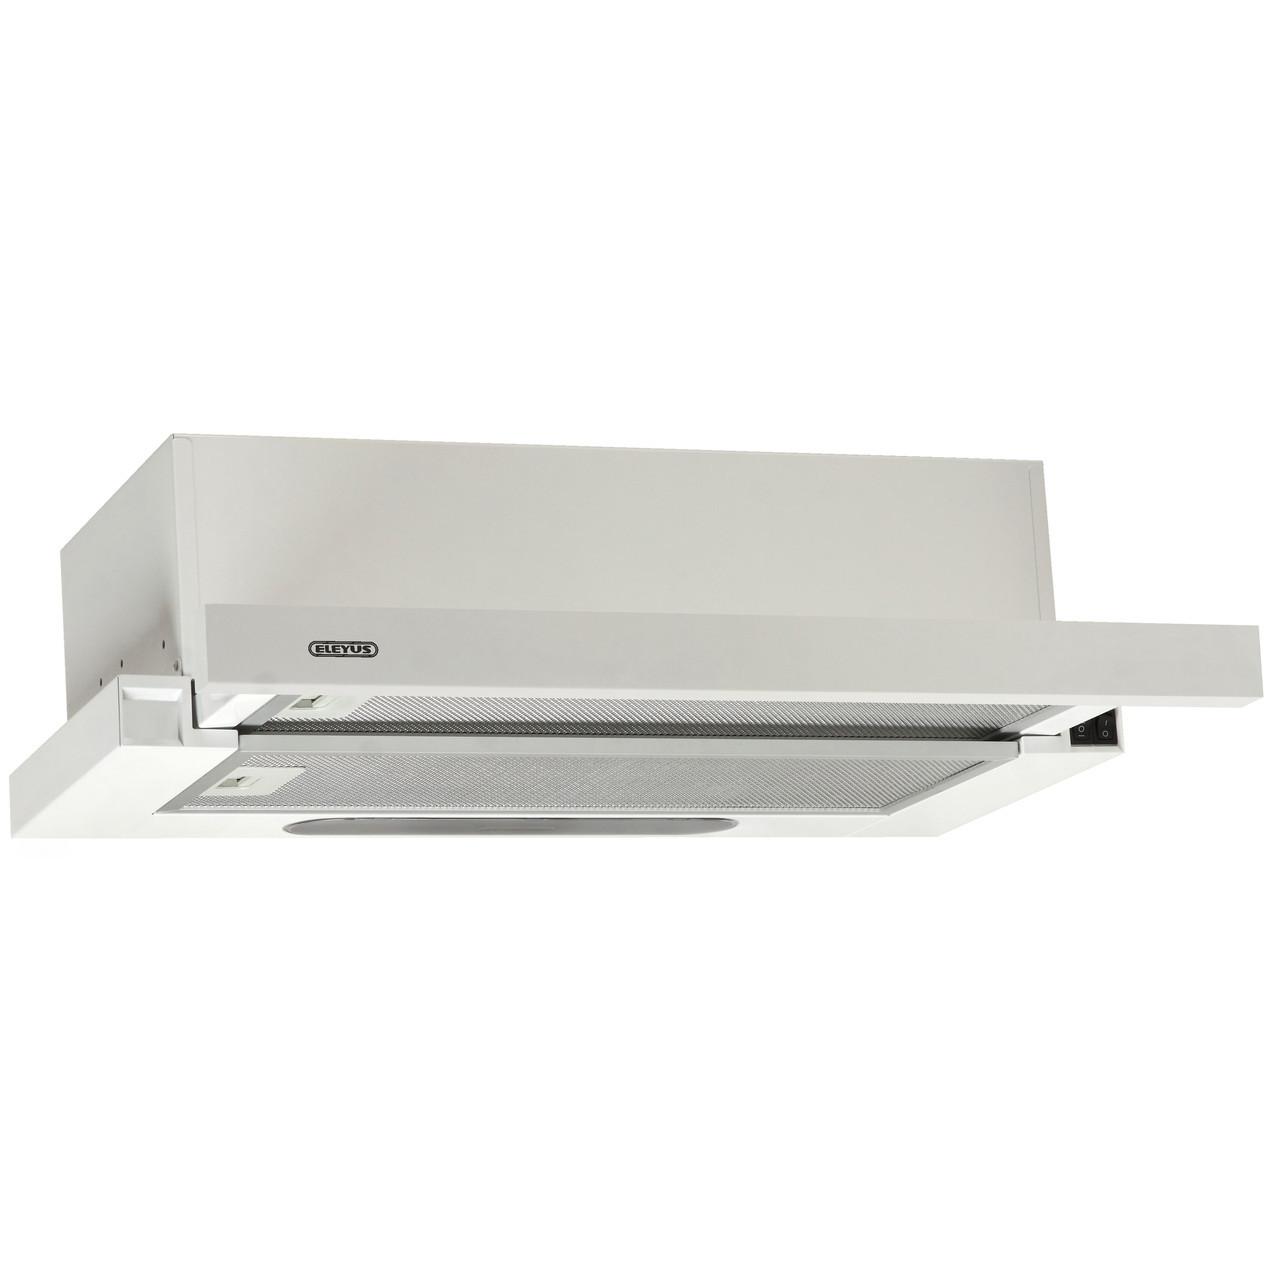 Витяжка кухонна телескопічна ELEYUS LOTUS 470 50 WH (біла)